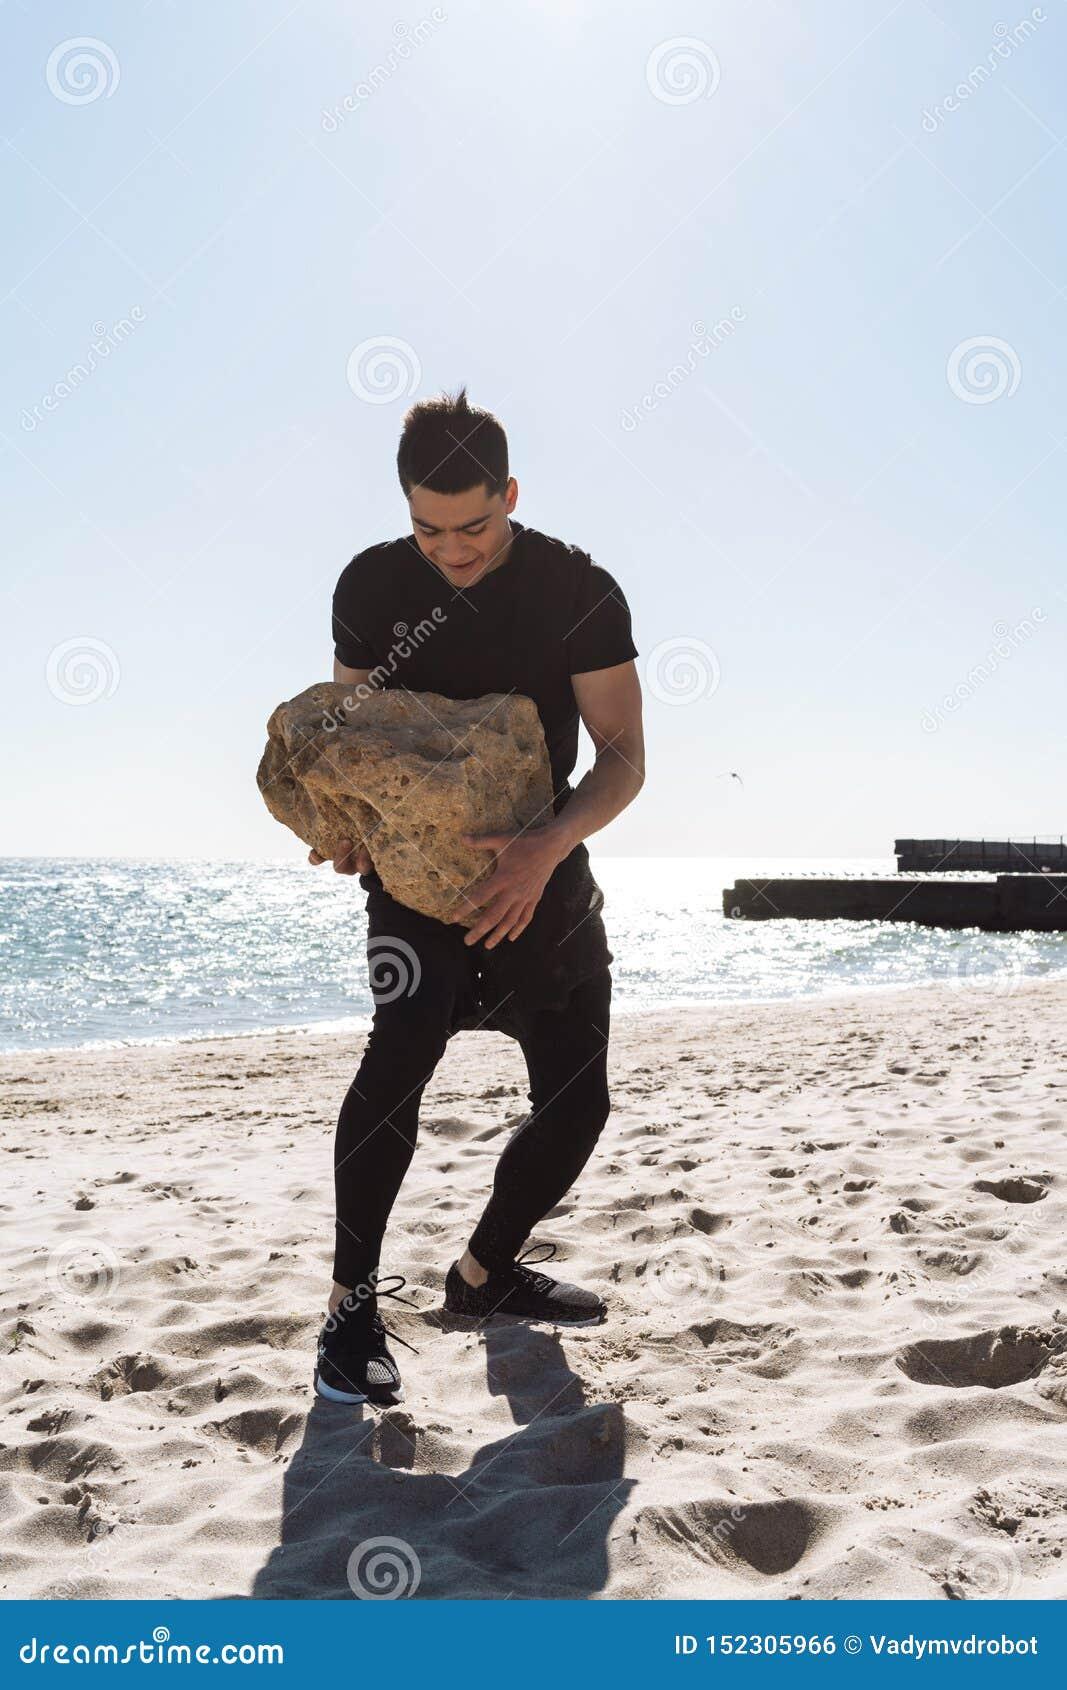 Foto del hombre moreno fuerte que camina a lo largo de la playa por la playa y de la piedra grande que lleva en sus manos